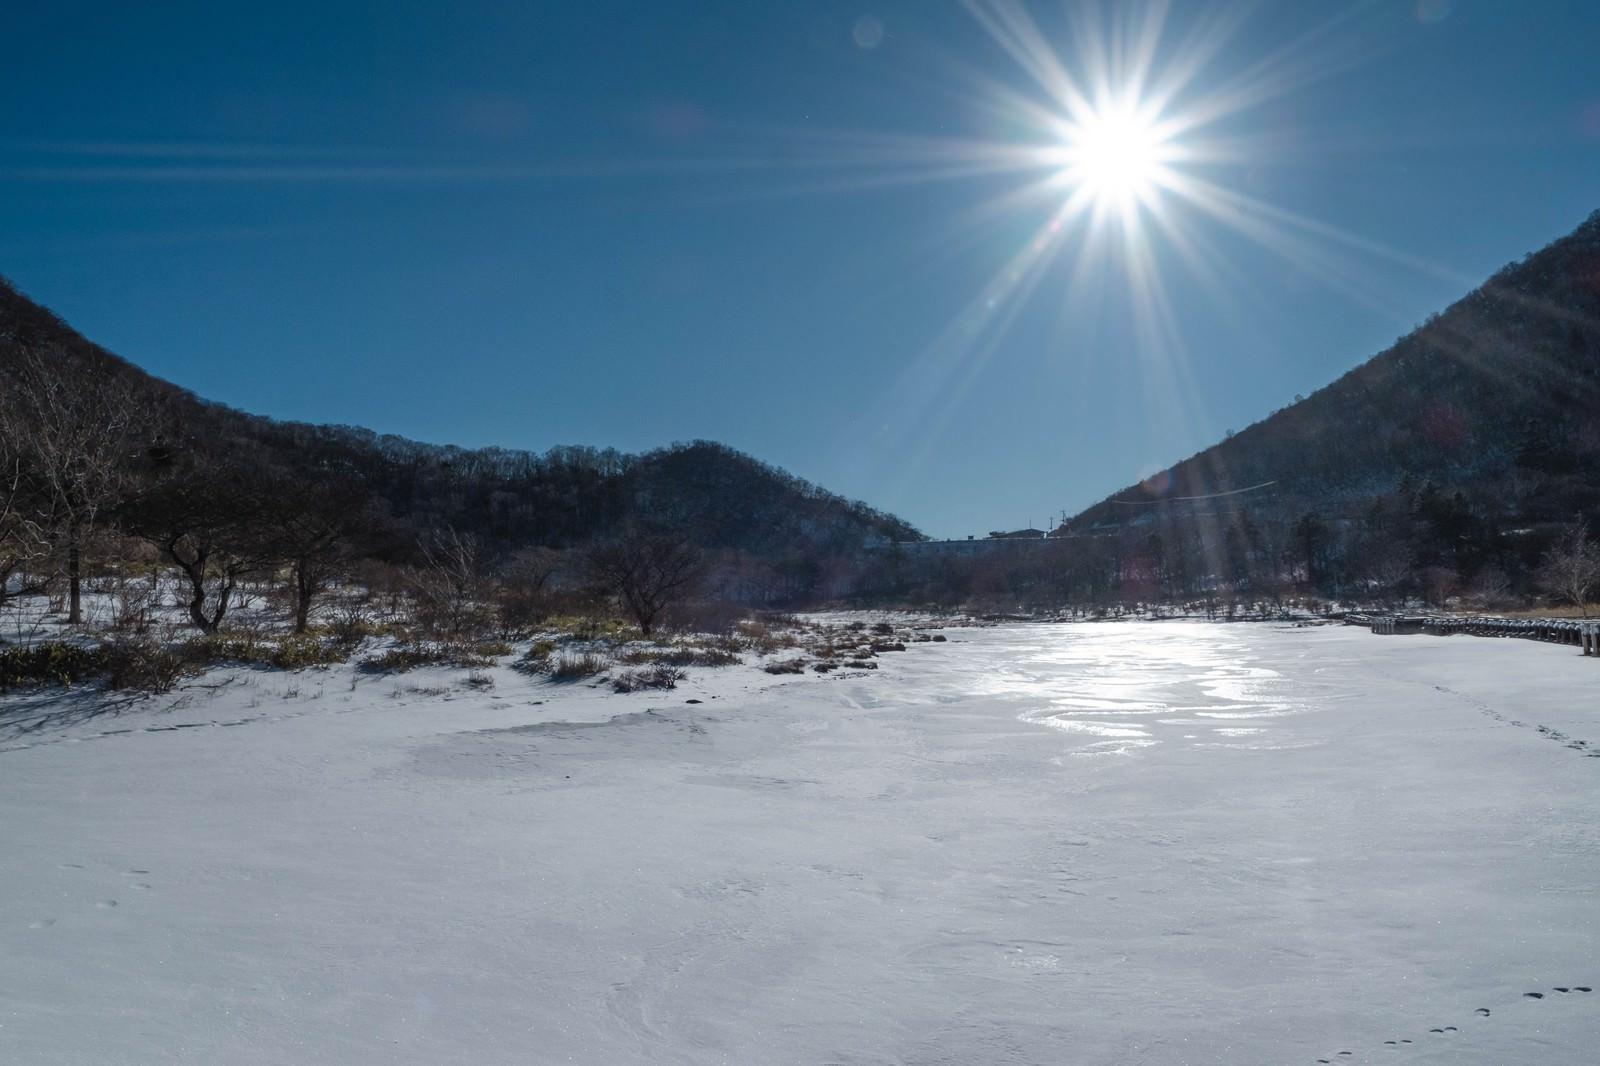 「赤城山覚満淵(かくまんぶち)雪と風のアート赤城山覚満淵(かくまんぶち)雪と風のアート」のフリー写真素材を拡大